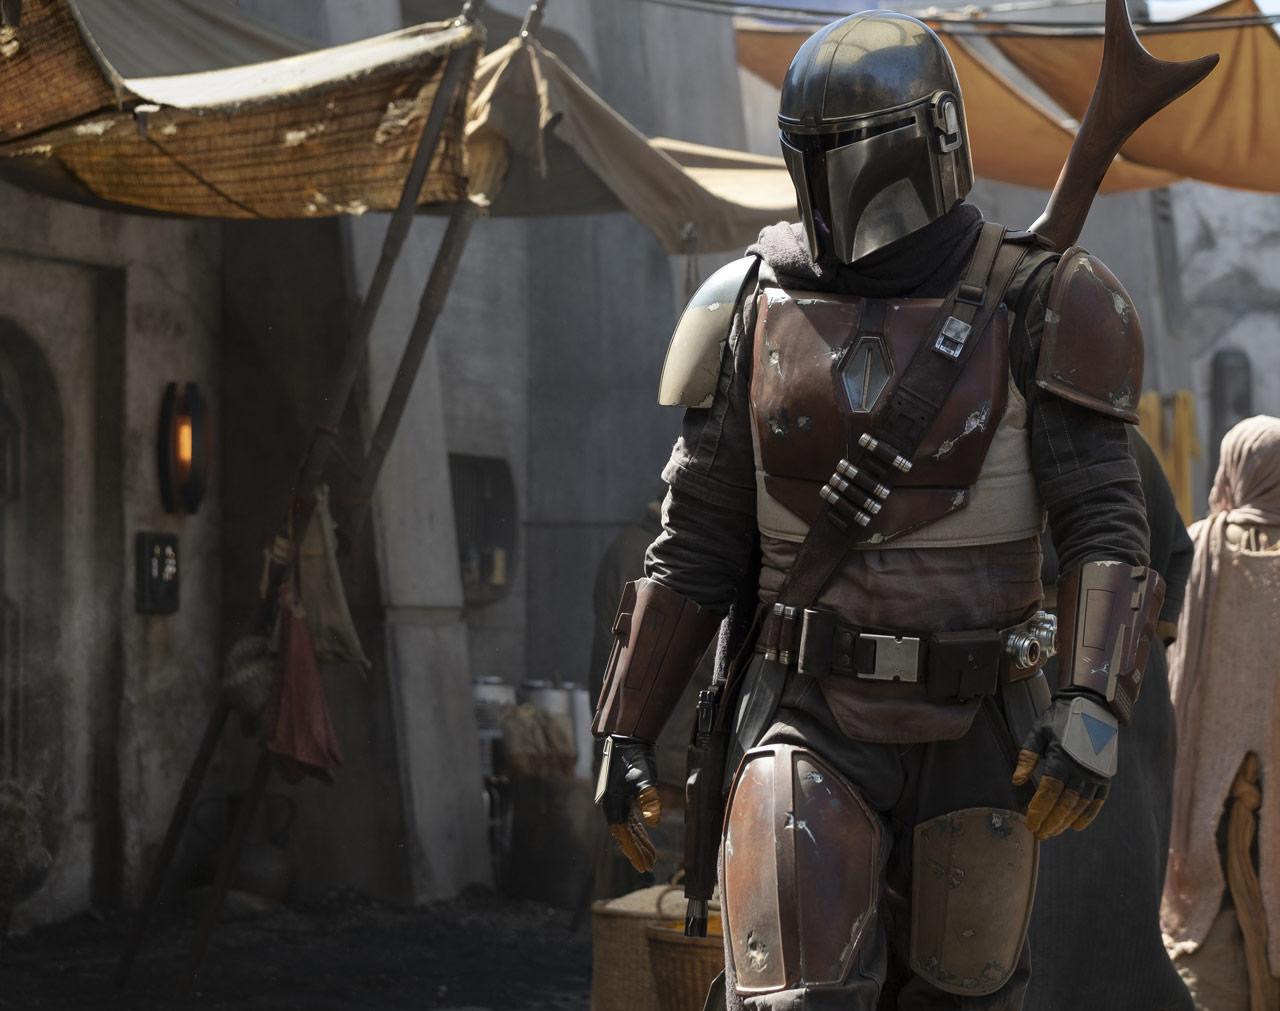 Série live-action de Star Wars ganha sinopse e primeira imagem oficial